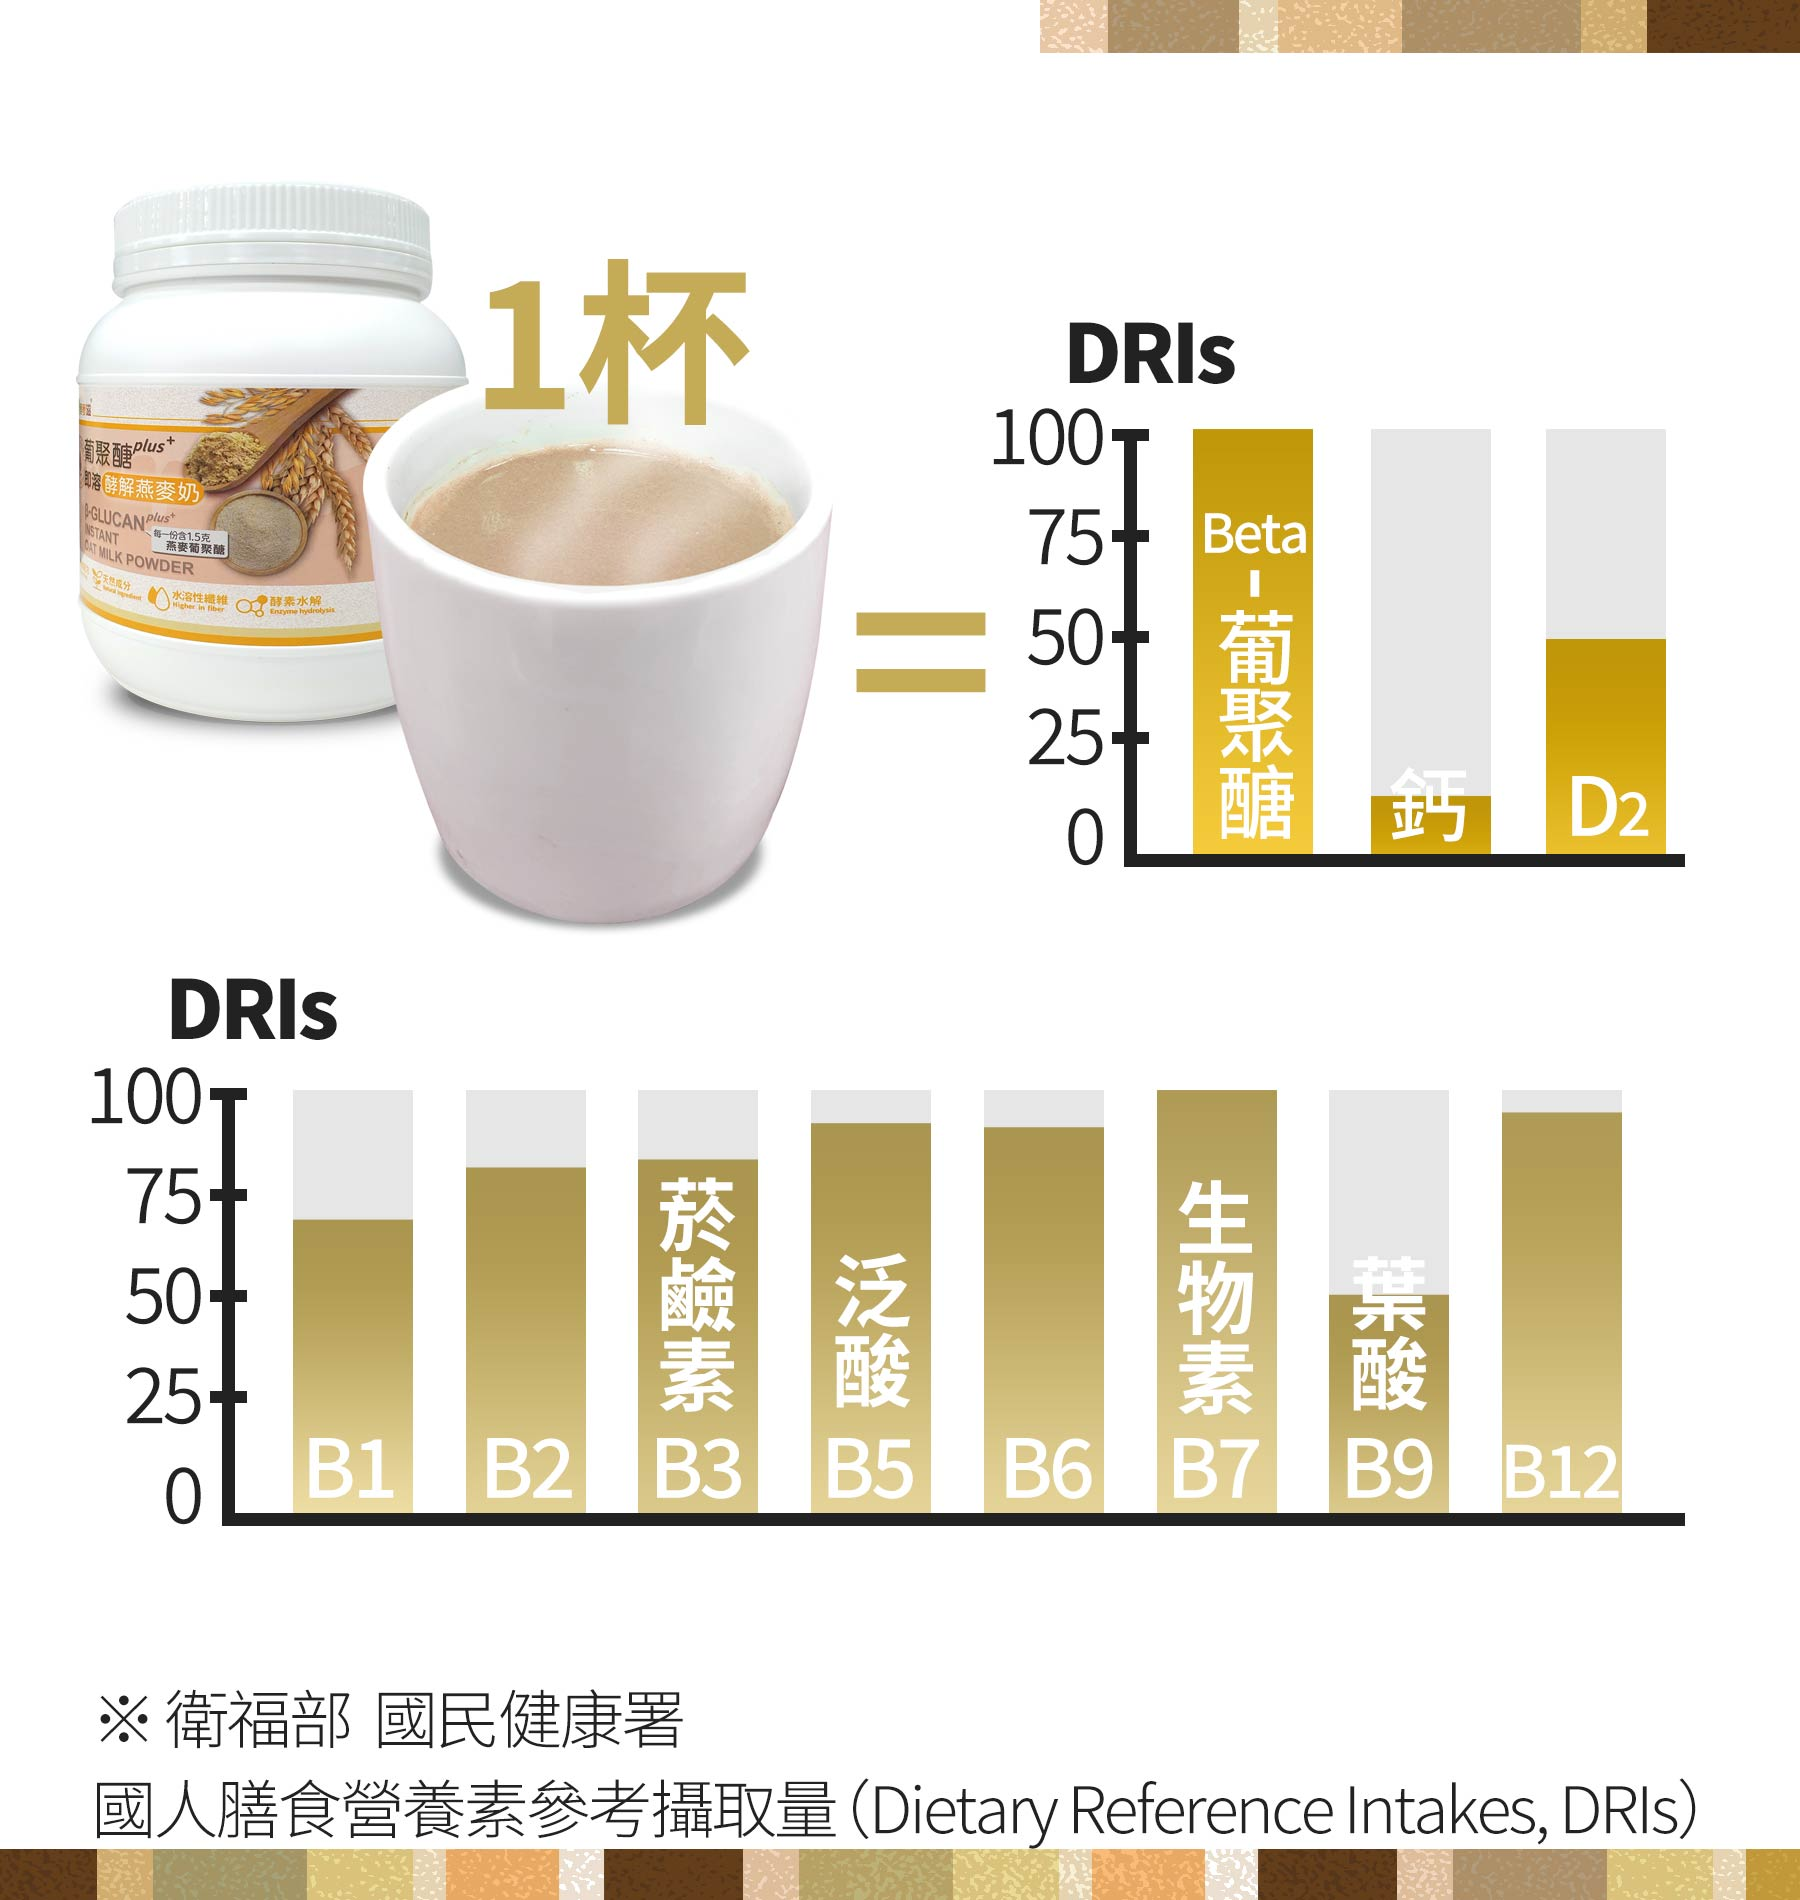 即溶葡聚醣酵解燕麥奶豐富營養成分,含豐富beta-葡聚醣